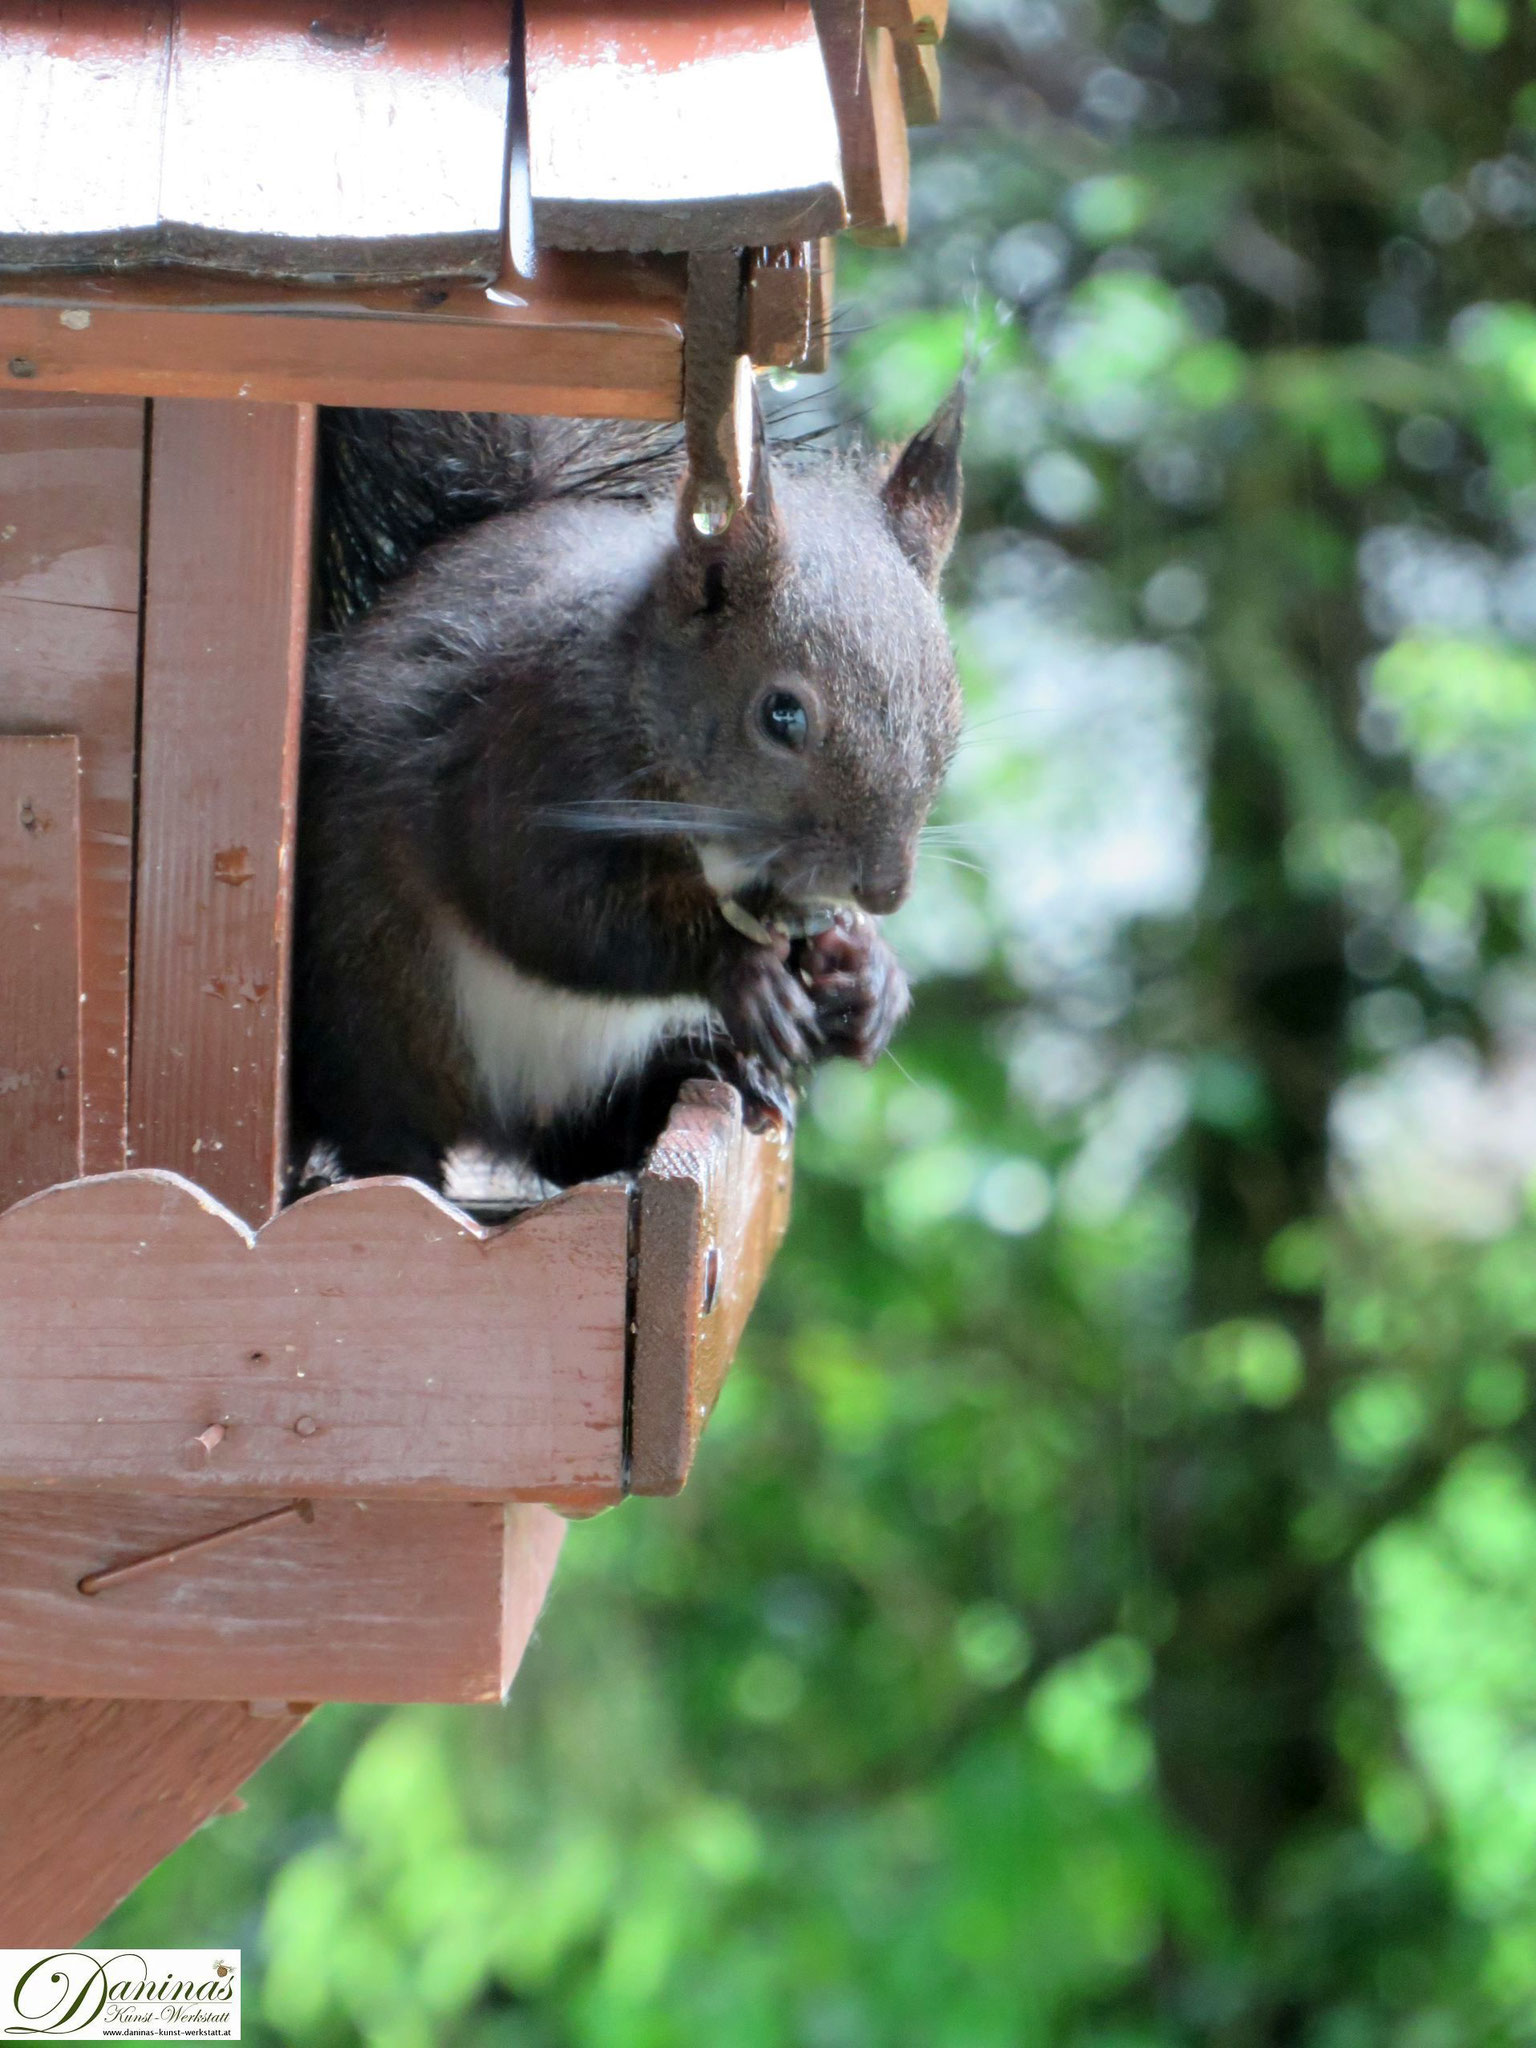 Eichhörnchen auf Nahrungssuche im Vogelhaus. Entzückende Eichhörnchen Bilder by Daninas-Kunst-Werkstatt.at